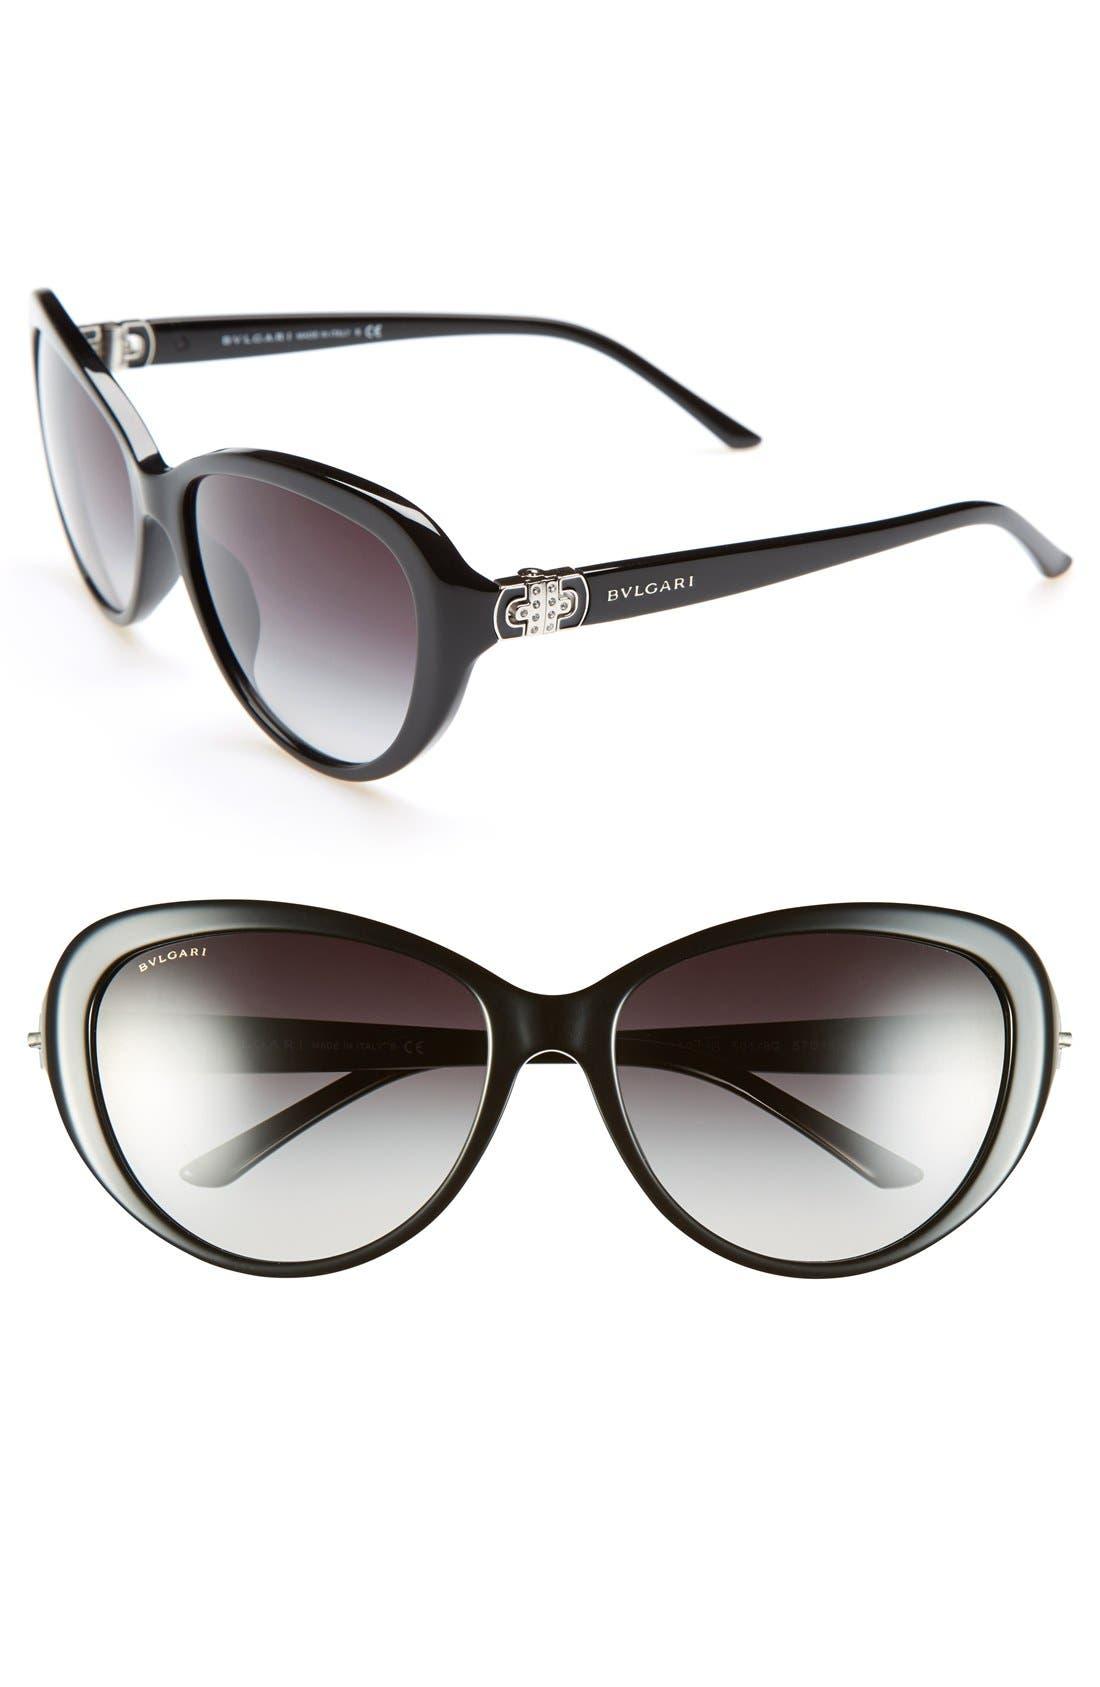 Main Image - BVLGARI Oversized 57mm Sunglasses